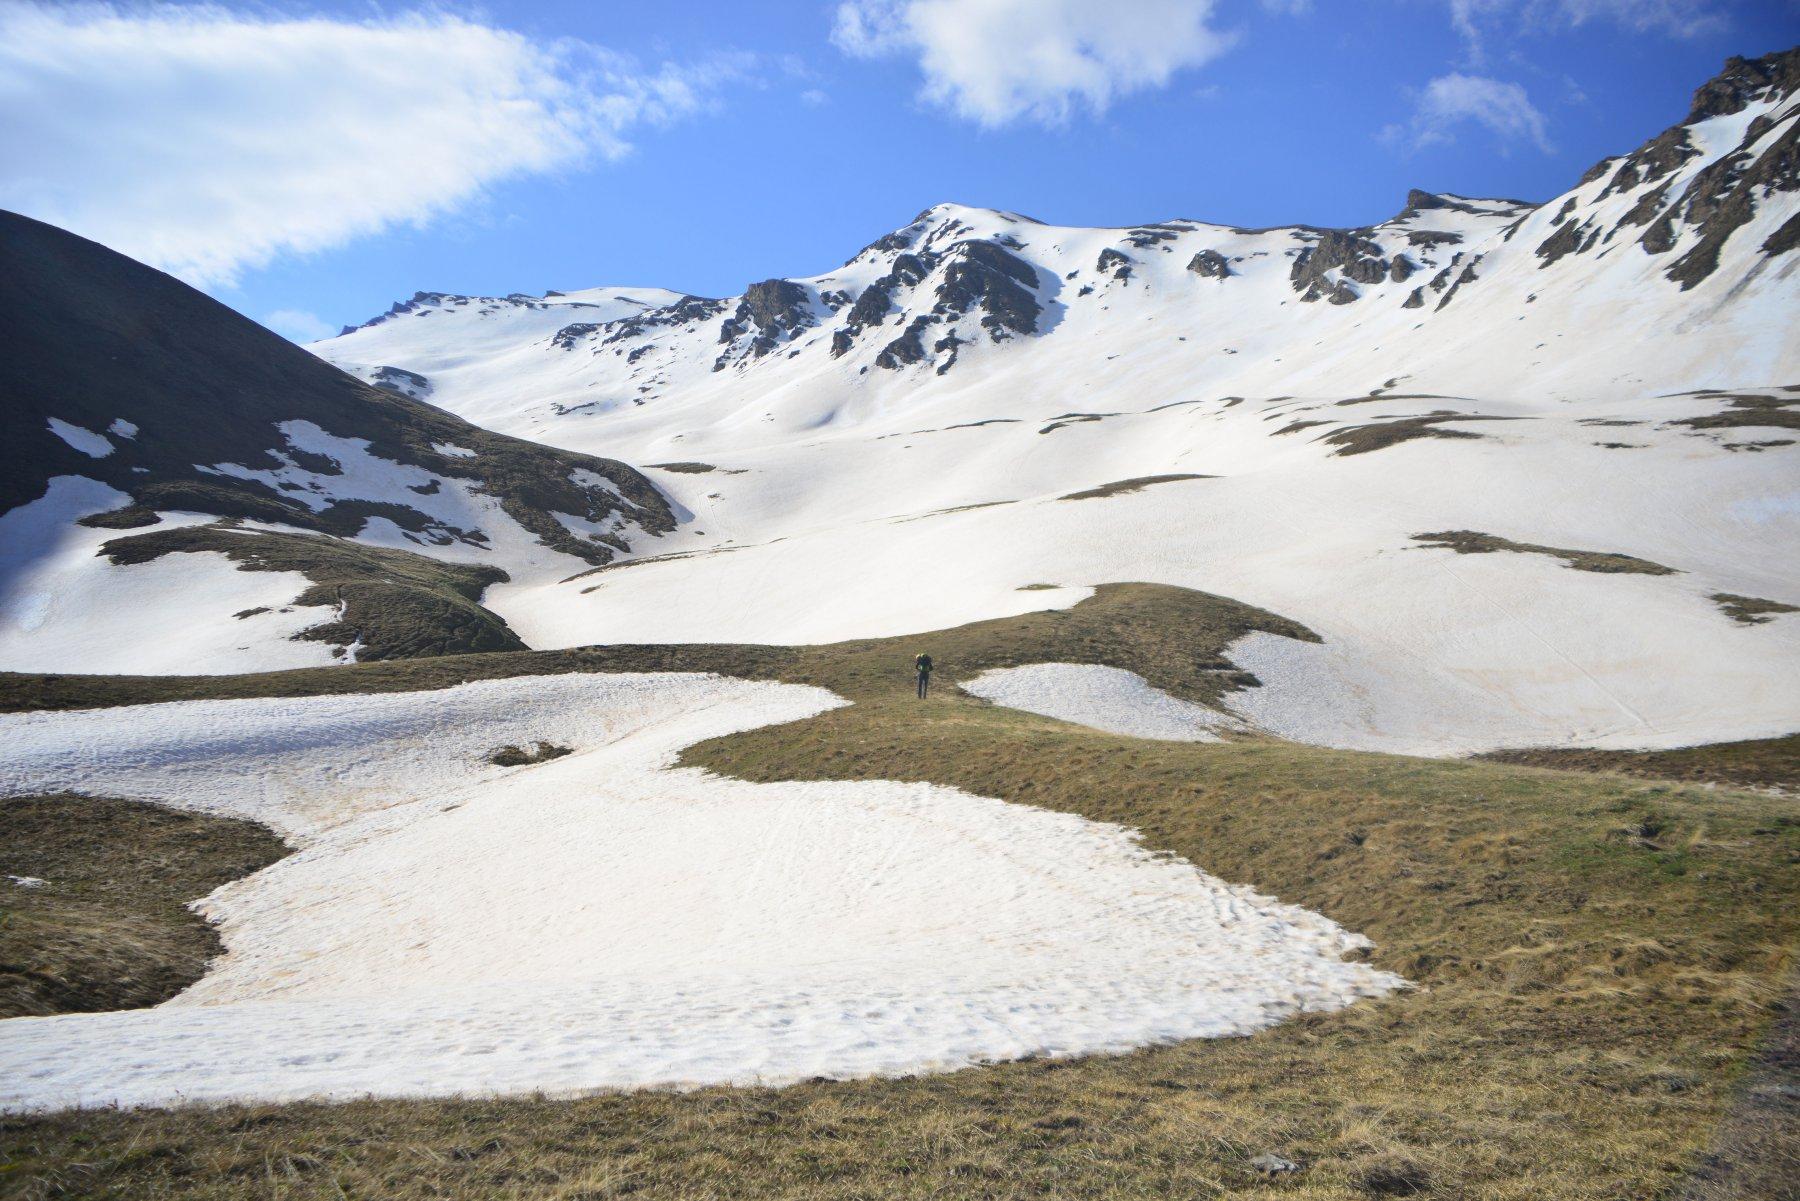 inizio neve sul pianoro superiore